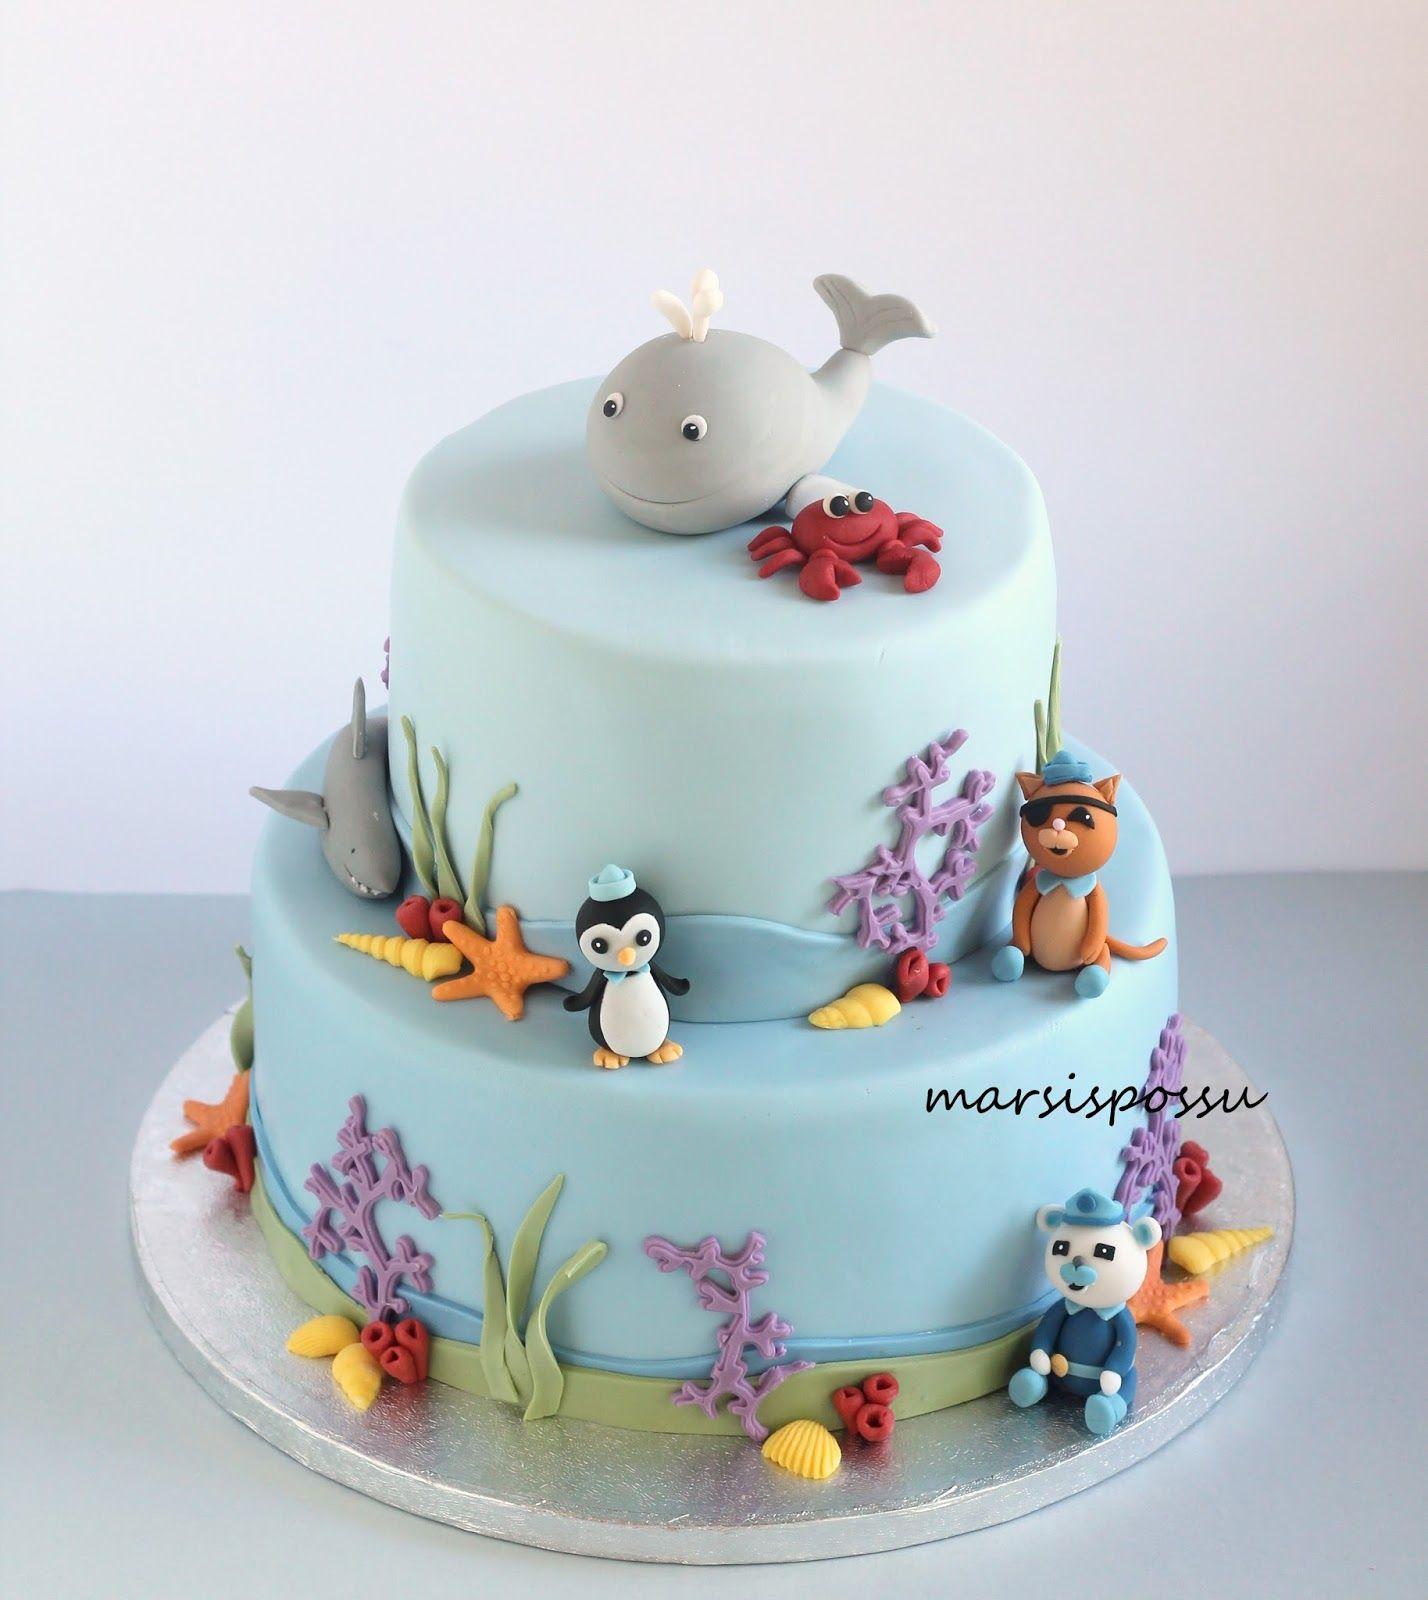 Marsispossu - Yksilöllisiä kakkuja